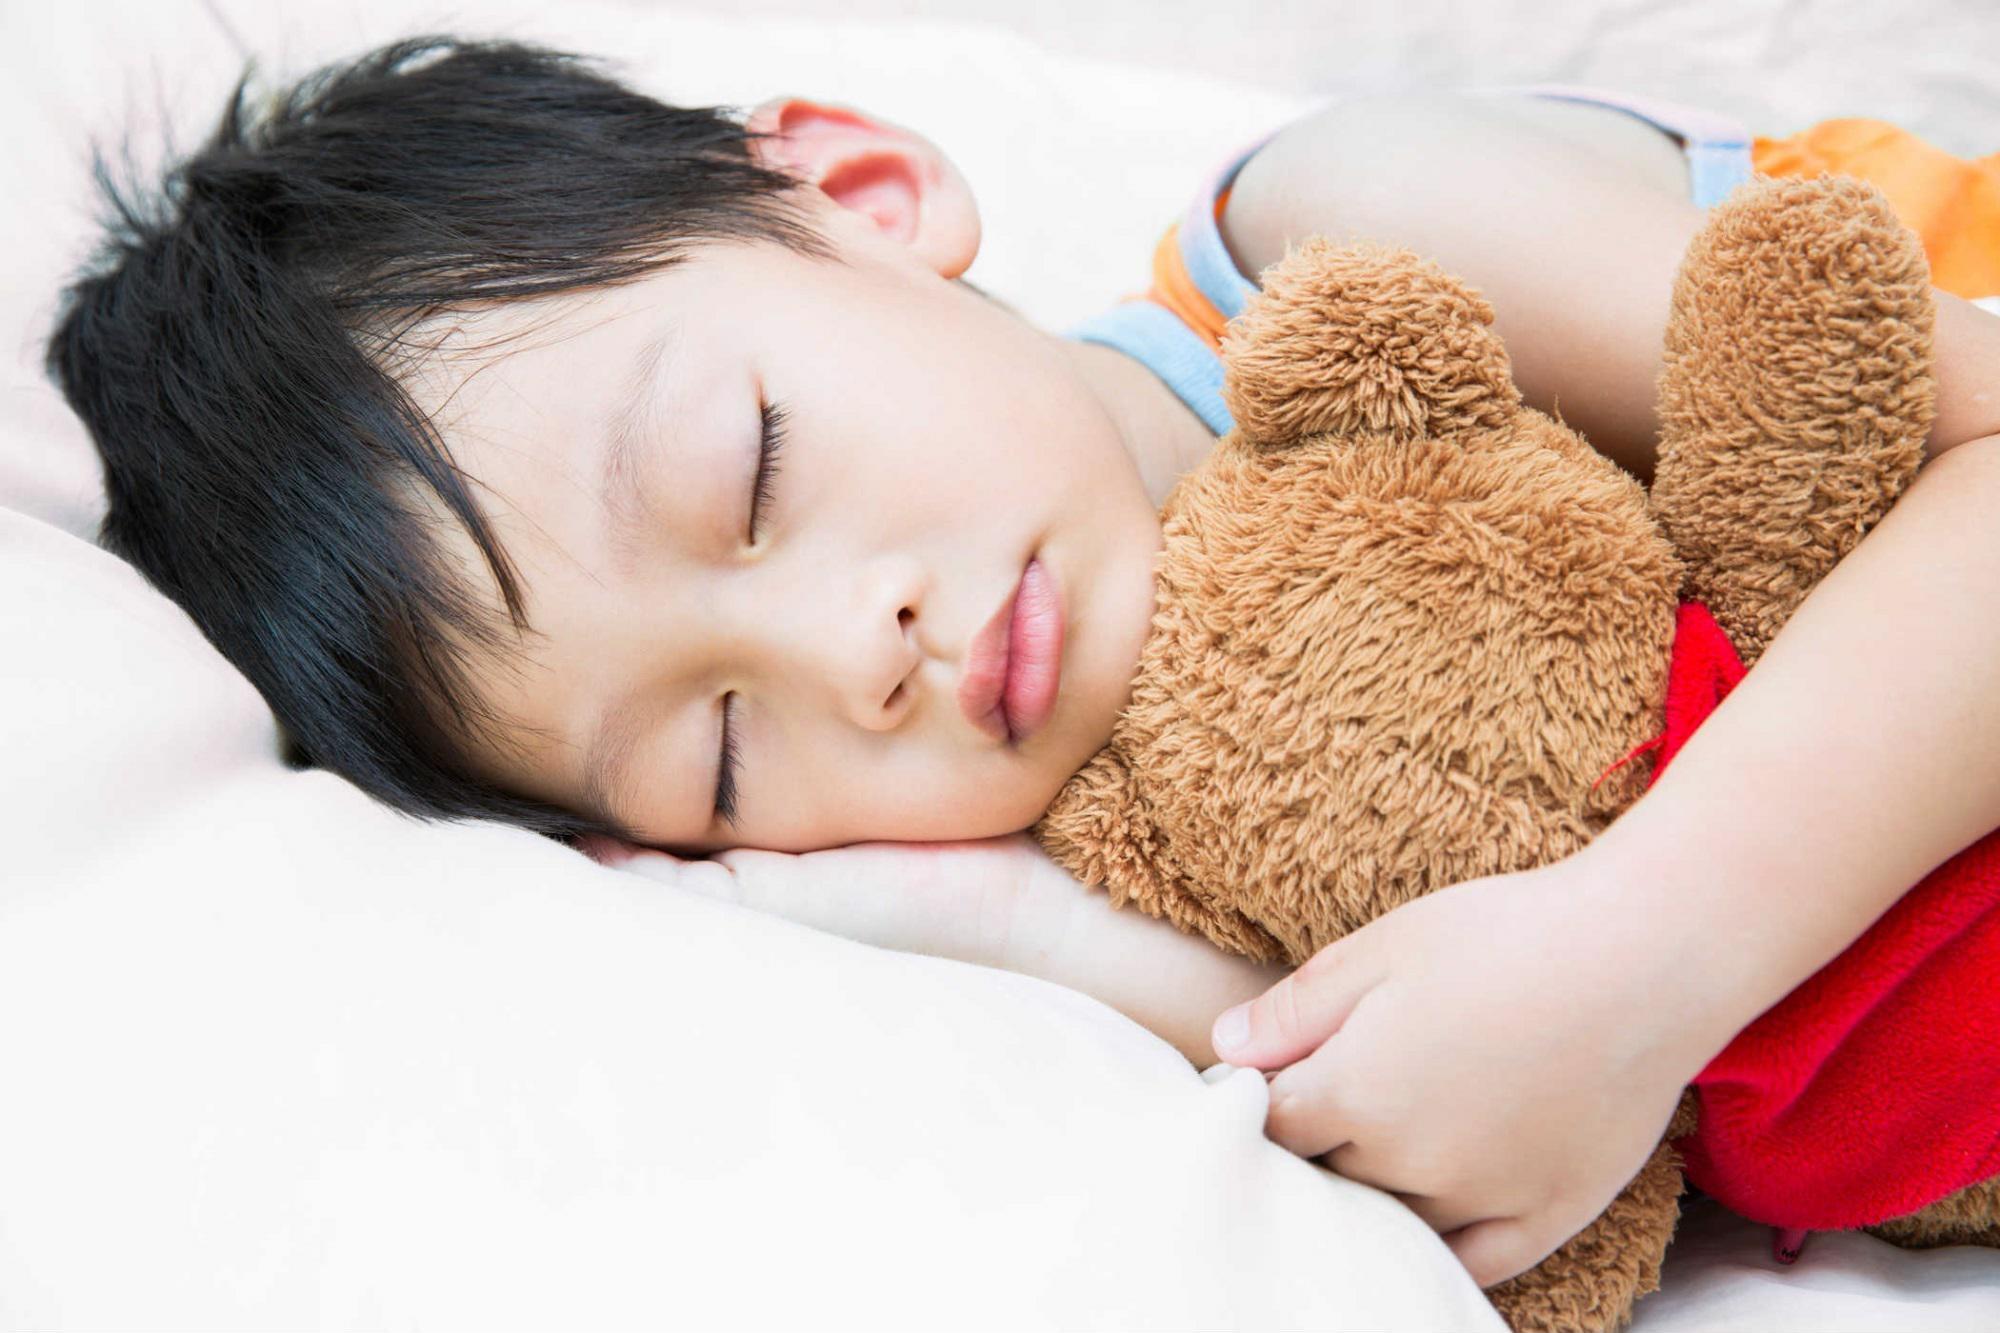 Hít khói thuốc lá, trẻ dễ mắc chứng ngủ ngáy thường xuyên - Ảnh 1